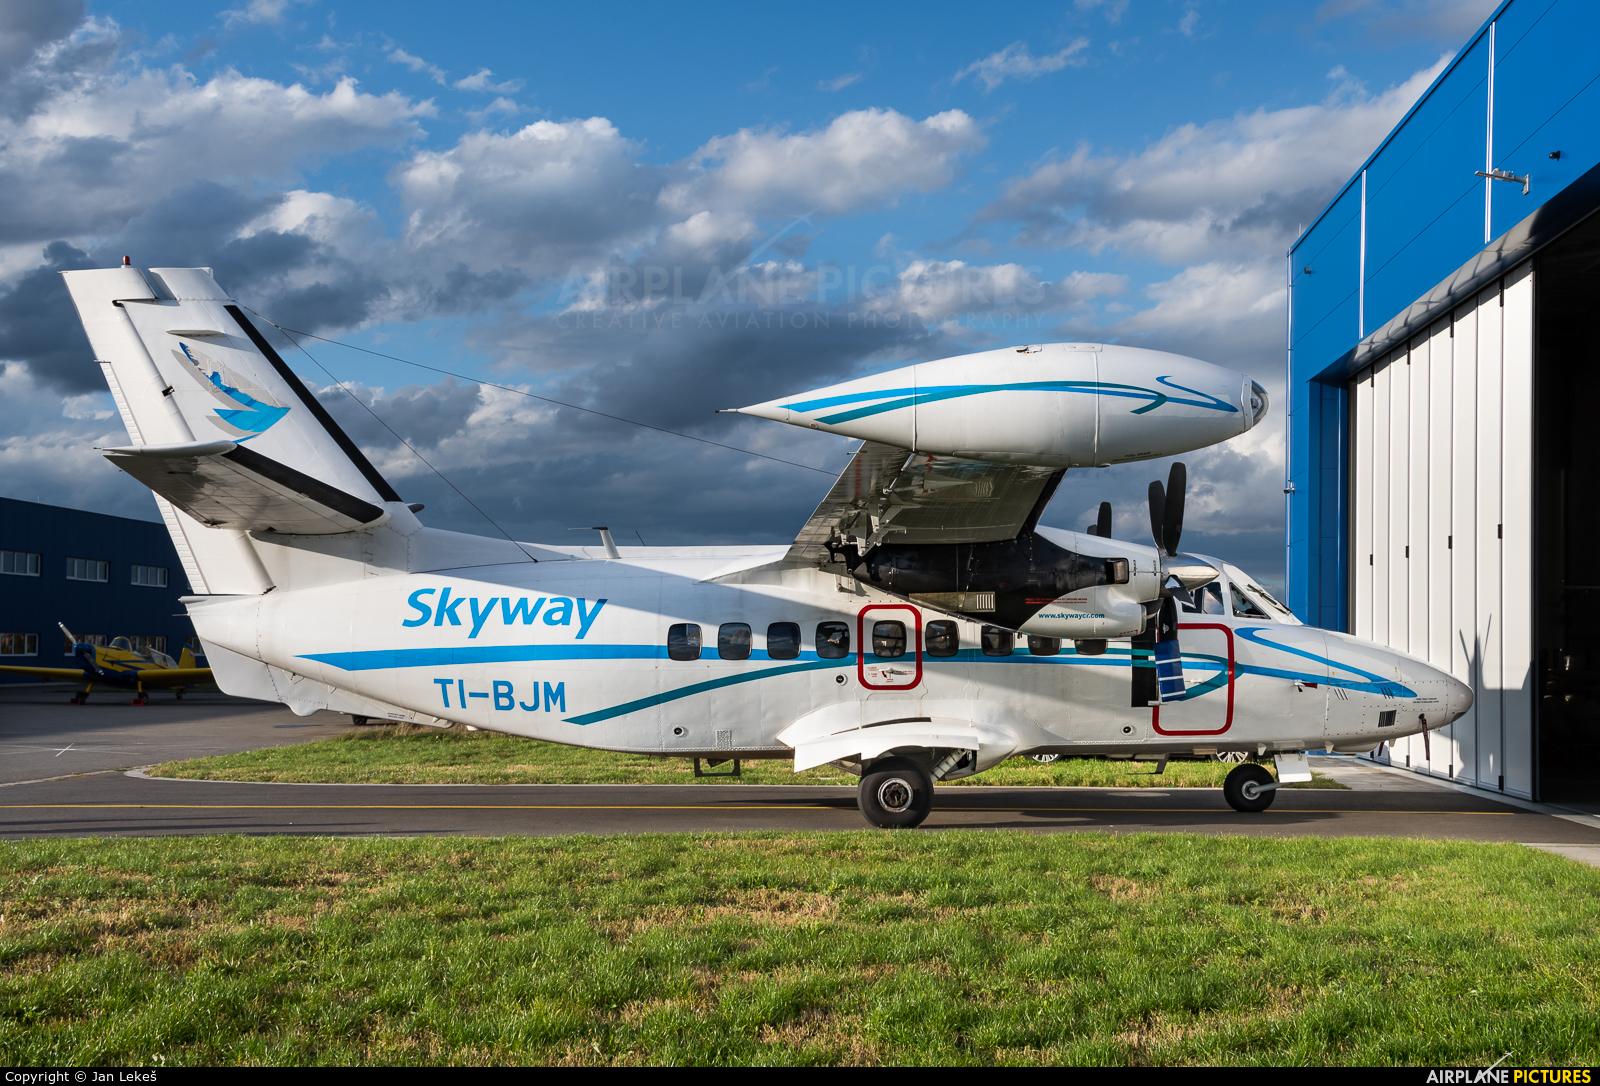 Skyway Costa Rica TI-BJM aircraft at Uherské Hradiště - Kunovice